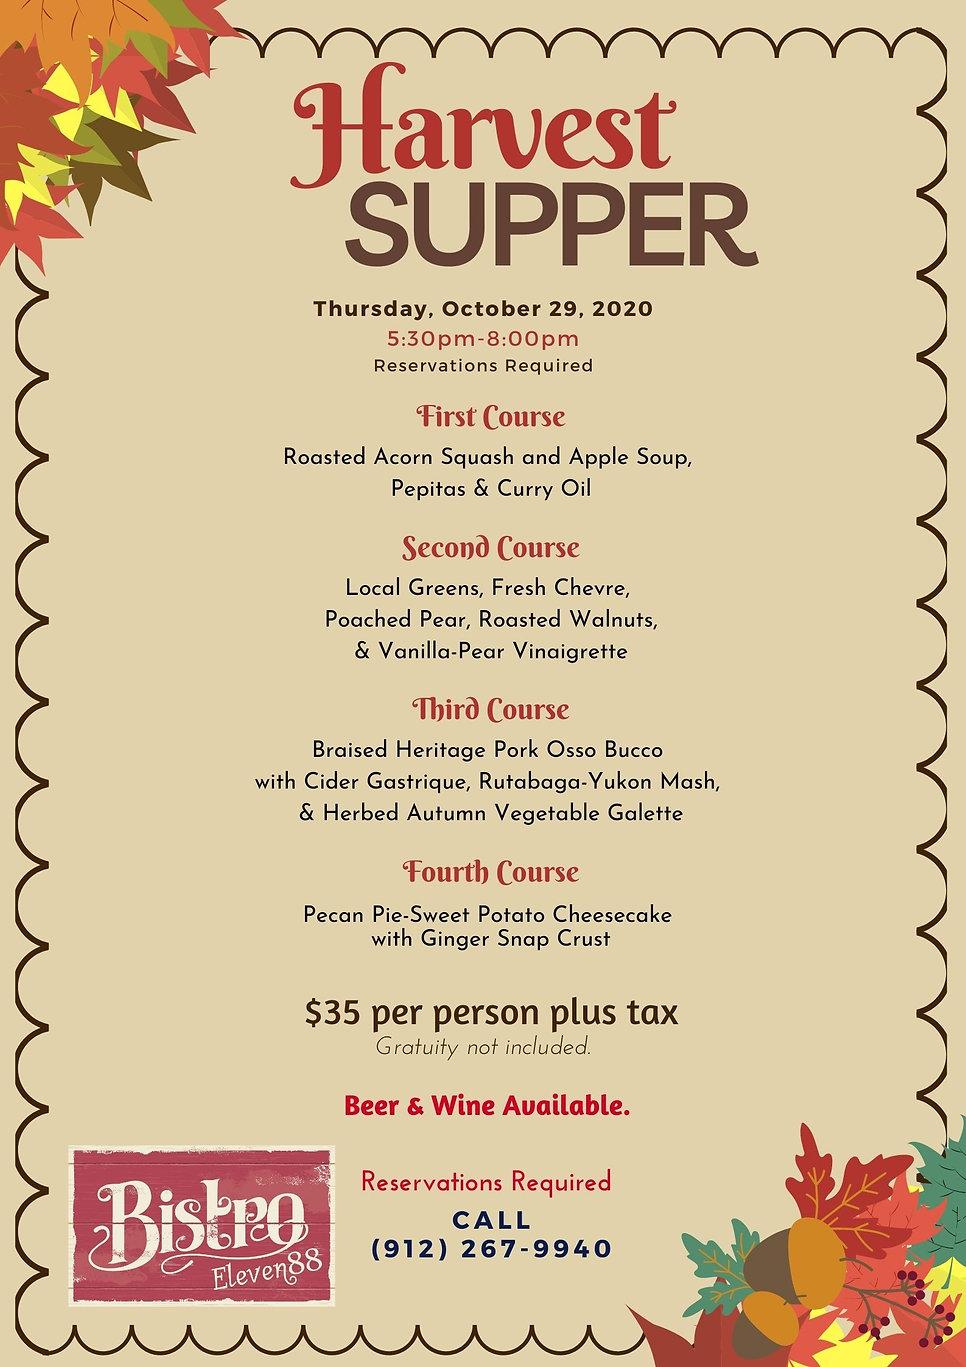 Harvest Supper 2020.jpg